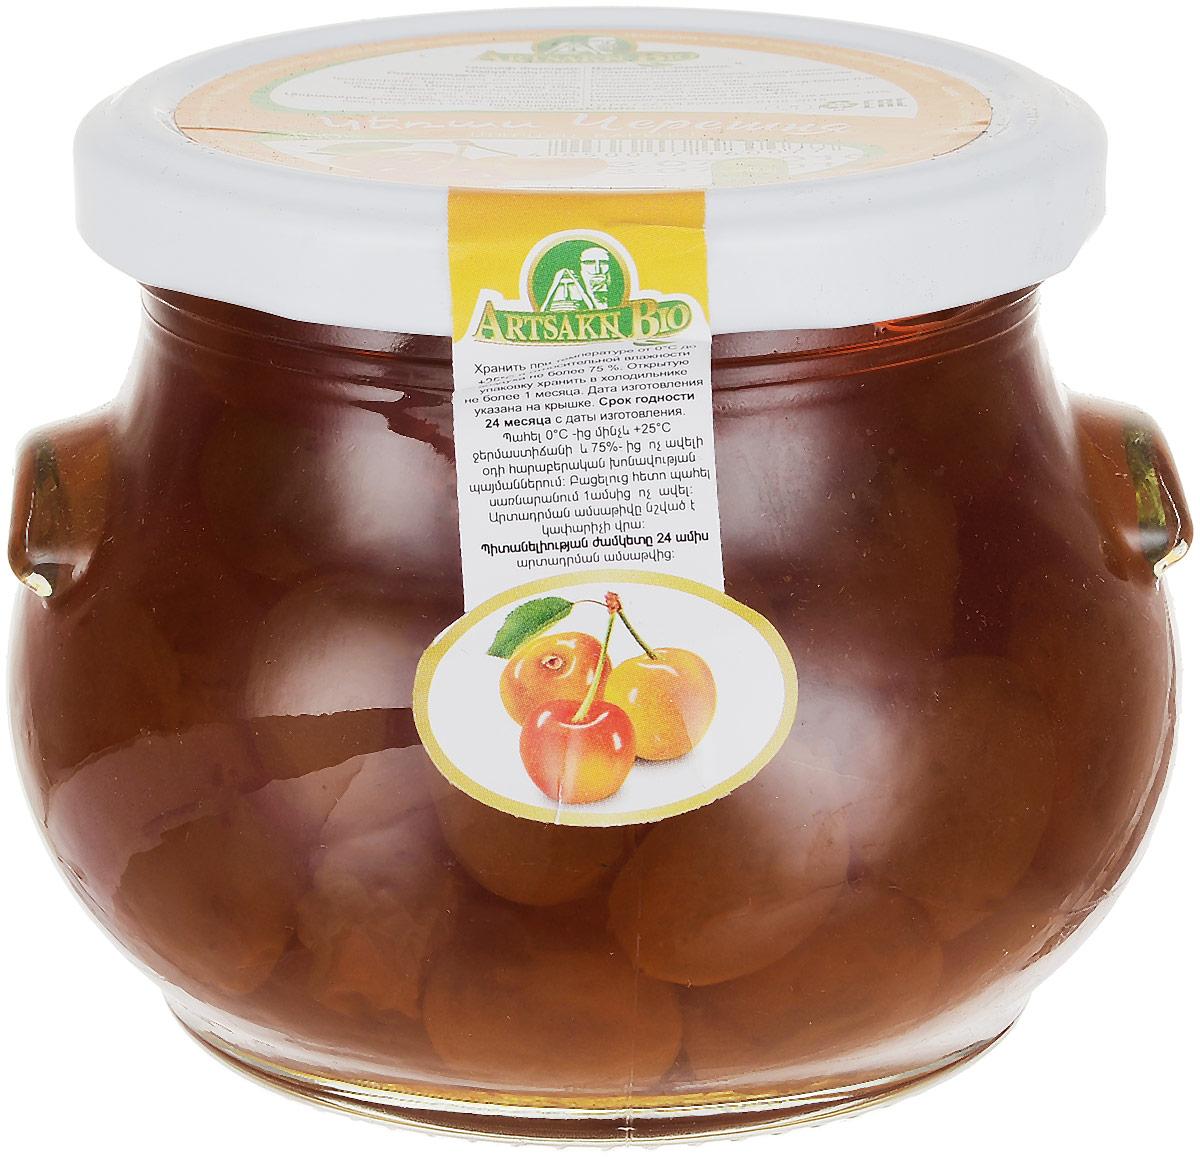 Artsakh Bio варенье из черешни, 450 г130211020009Черешня пользуется огромной популярностью. Это прародительница вишни. Плоды черешни имеют сердцевидную форму. Окраска светлая желтая, почти белая. В их состав входят сахар, органические кислоты, микроэлементы, макроэлементы (йод, железо, кальций), витамины А, Е, В, С. Пектиновые вещества, находящиеся в ягоде, благотворно влияют на пищеварение, а антоцианы защищают организм человека от свободных радикалов. Полезные ягоды помогают быстро избавиться от отеков. Варенье Artsakh Bio очень вкусное, янтарного цвета. Уважаемые клиенты! Обращаем ваше внимание, что полный перечень состава продукта представлен на дополнительном изображении.